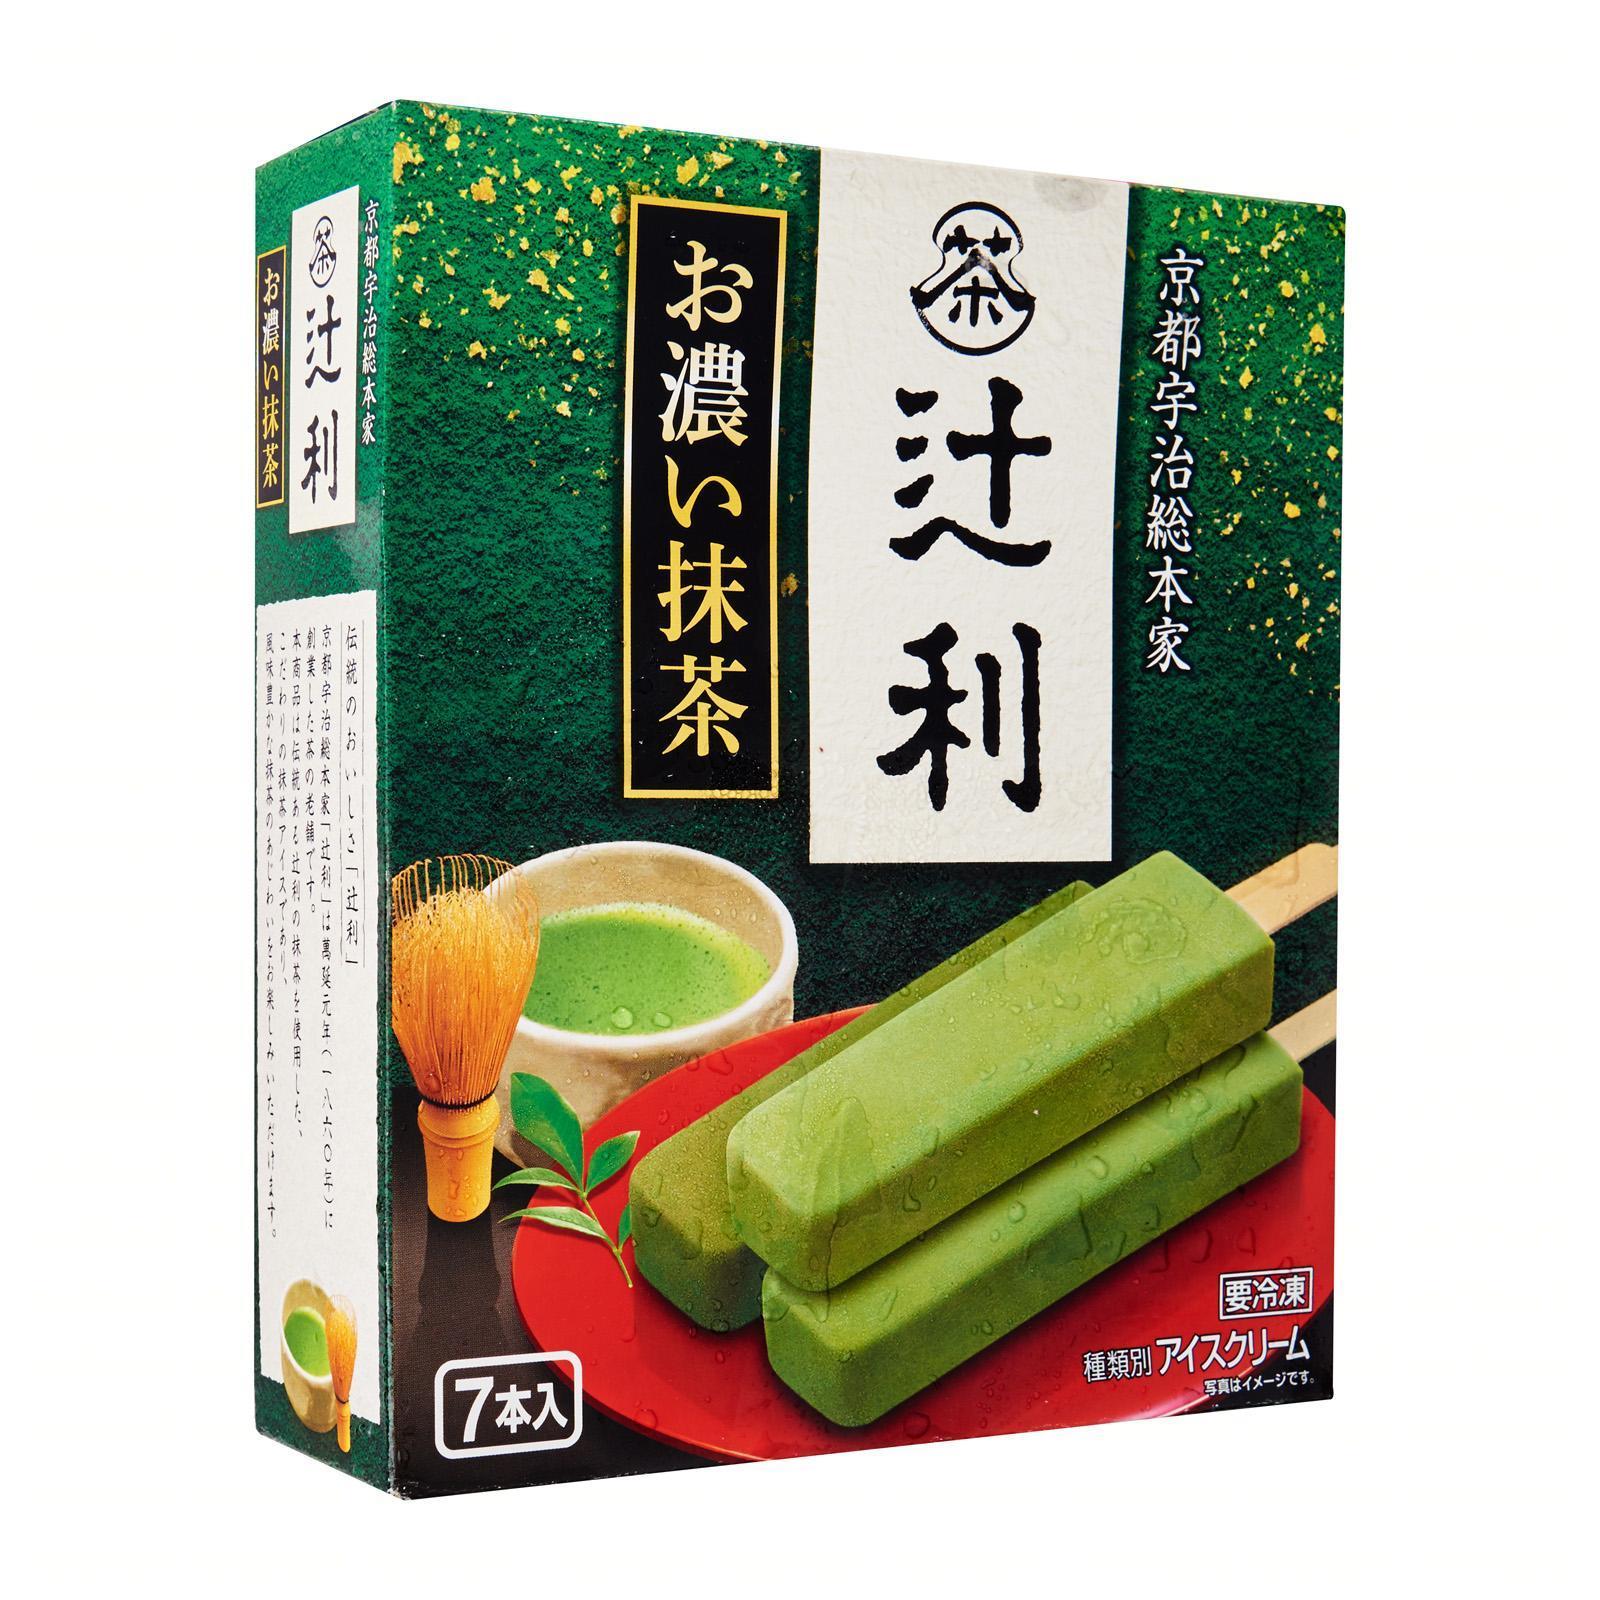 Meiji Tsujiri Matcha Green Tea Ice Bar - Frozen